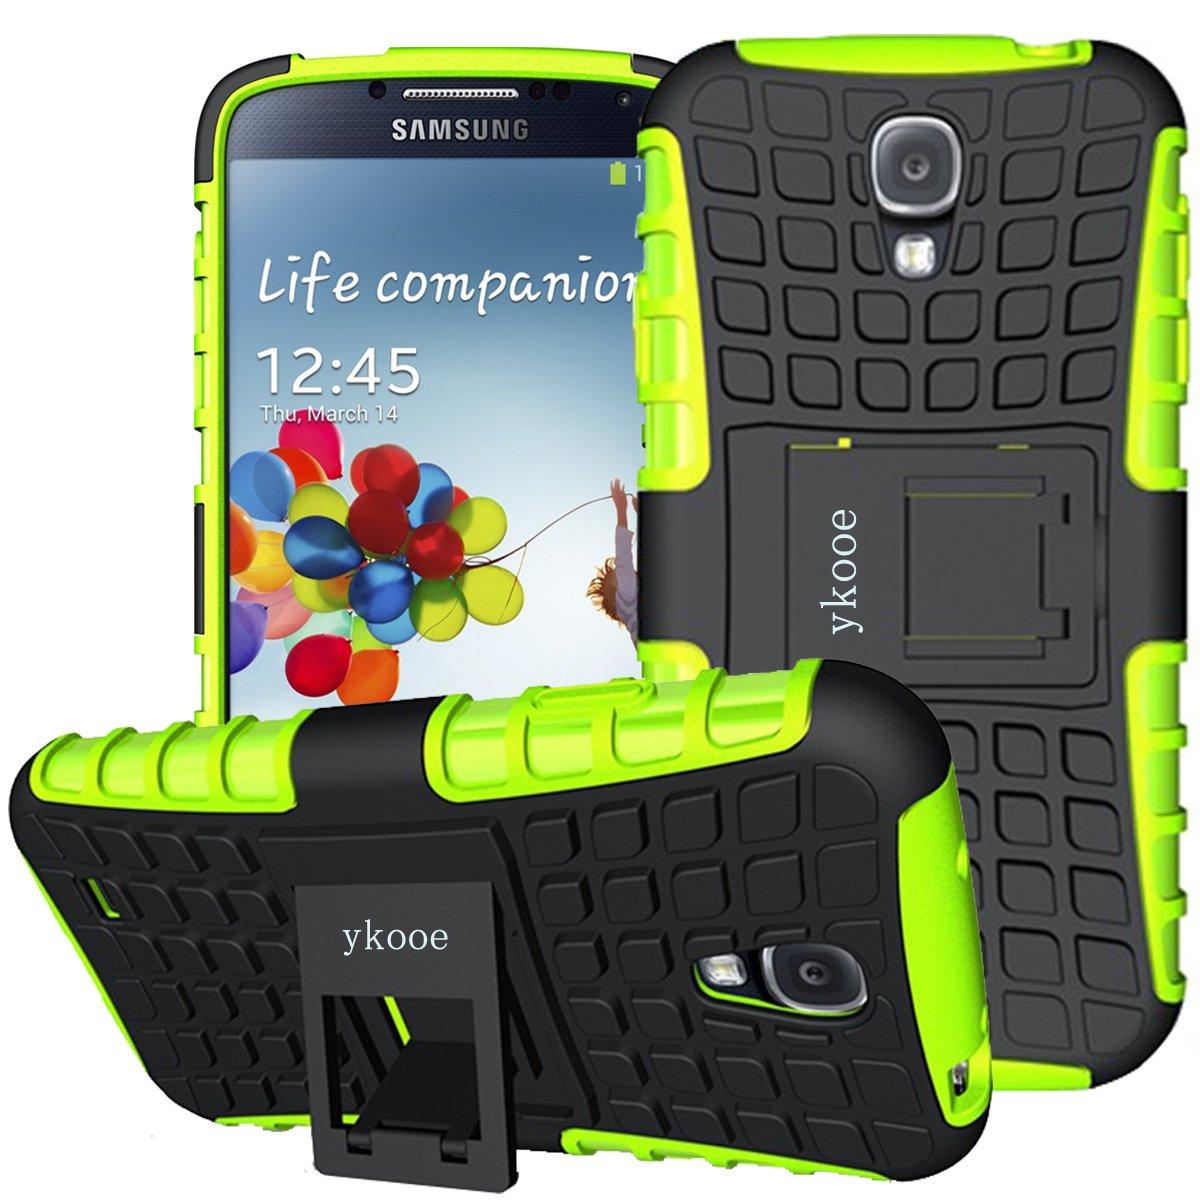 サムスン Galaxy S4ケース 衝撃吸収携帯電話保護ケース 2重保護 キックスタンドシェル  グリーン B072LQLWKB